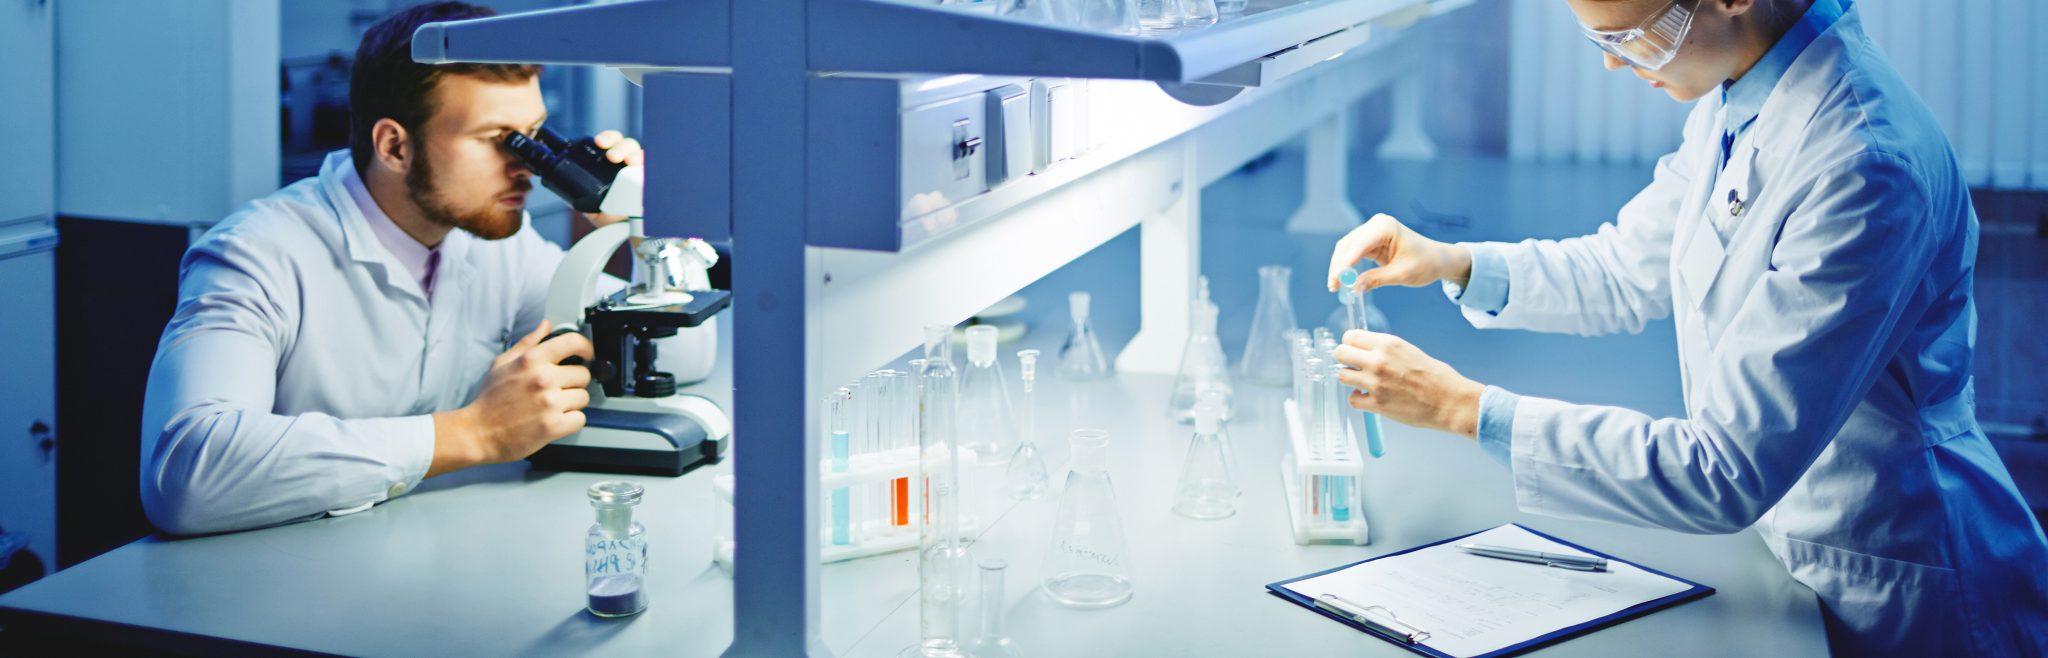 Laboratorieinnredning og avtrekkeskap